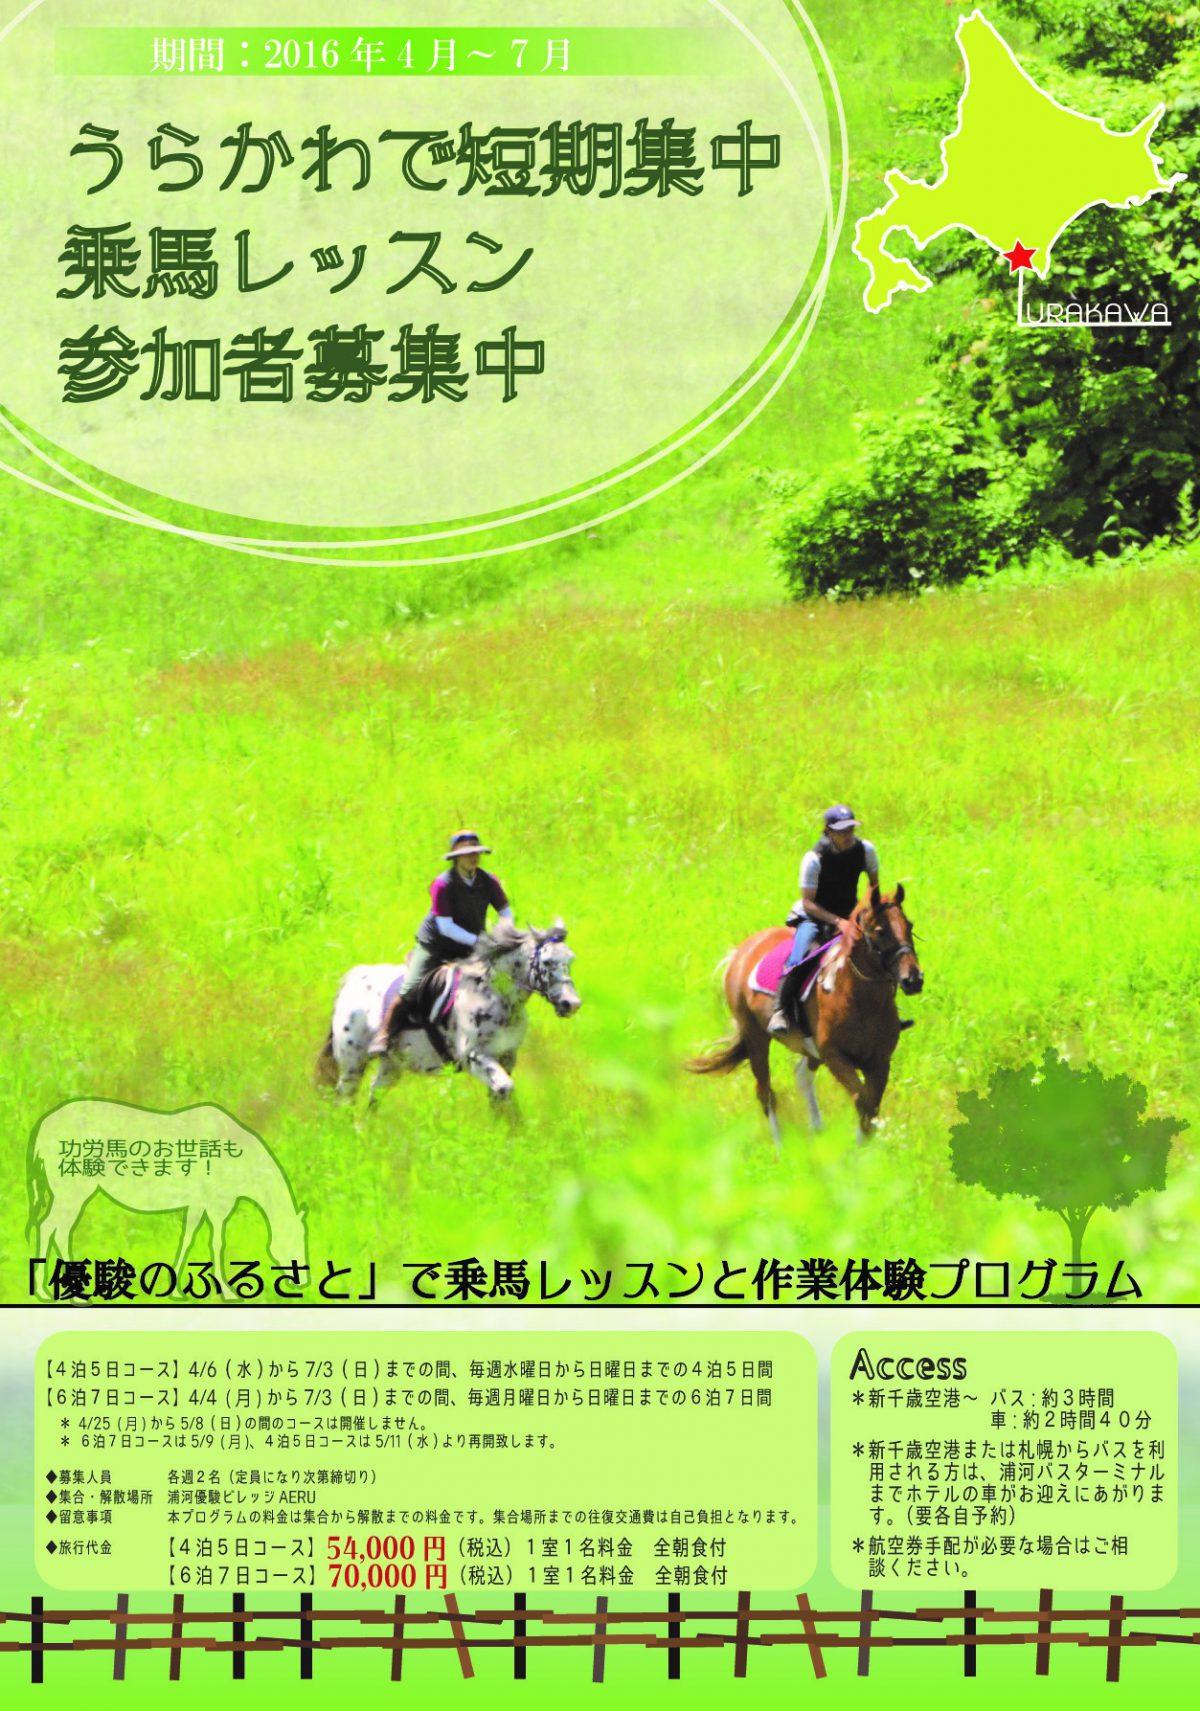 うらかわで短期集中乗馬レッスンプログラム 【2016年4月~7月】